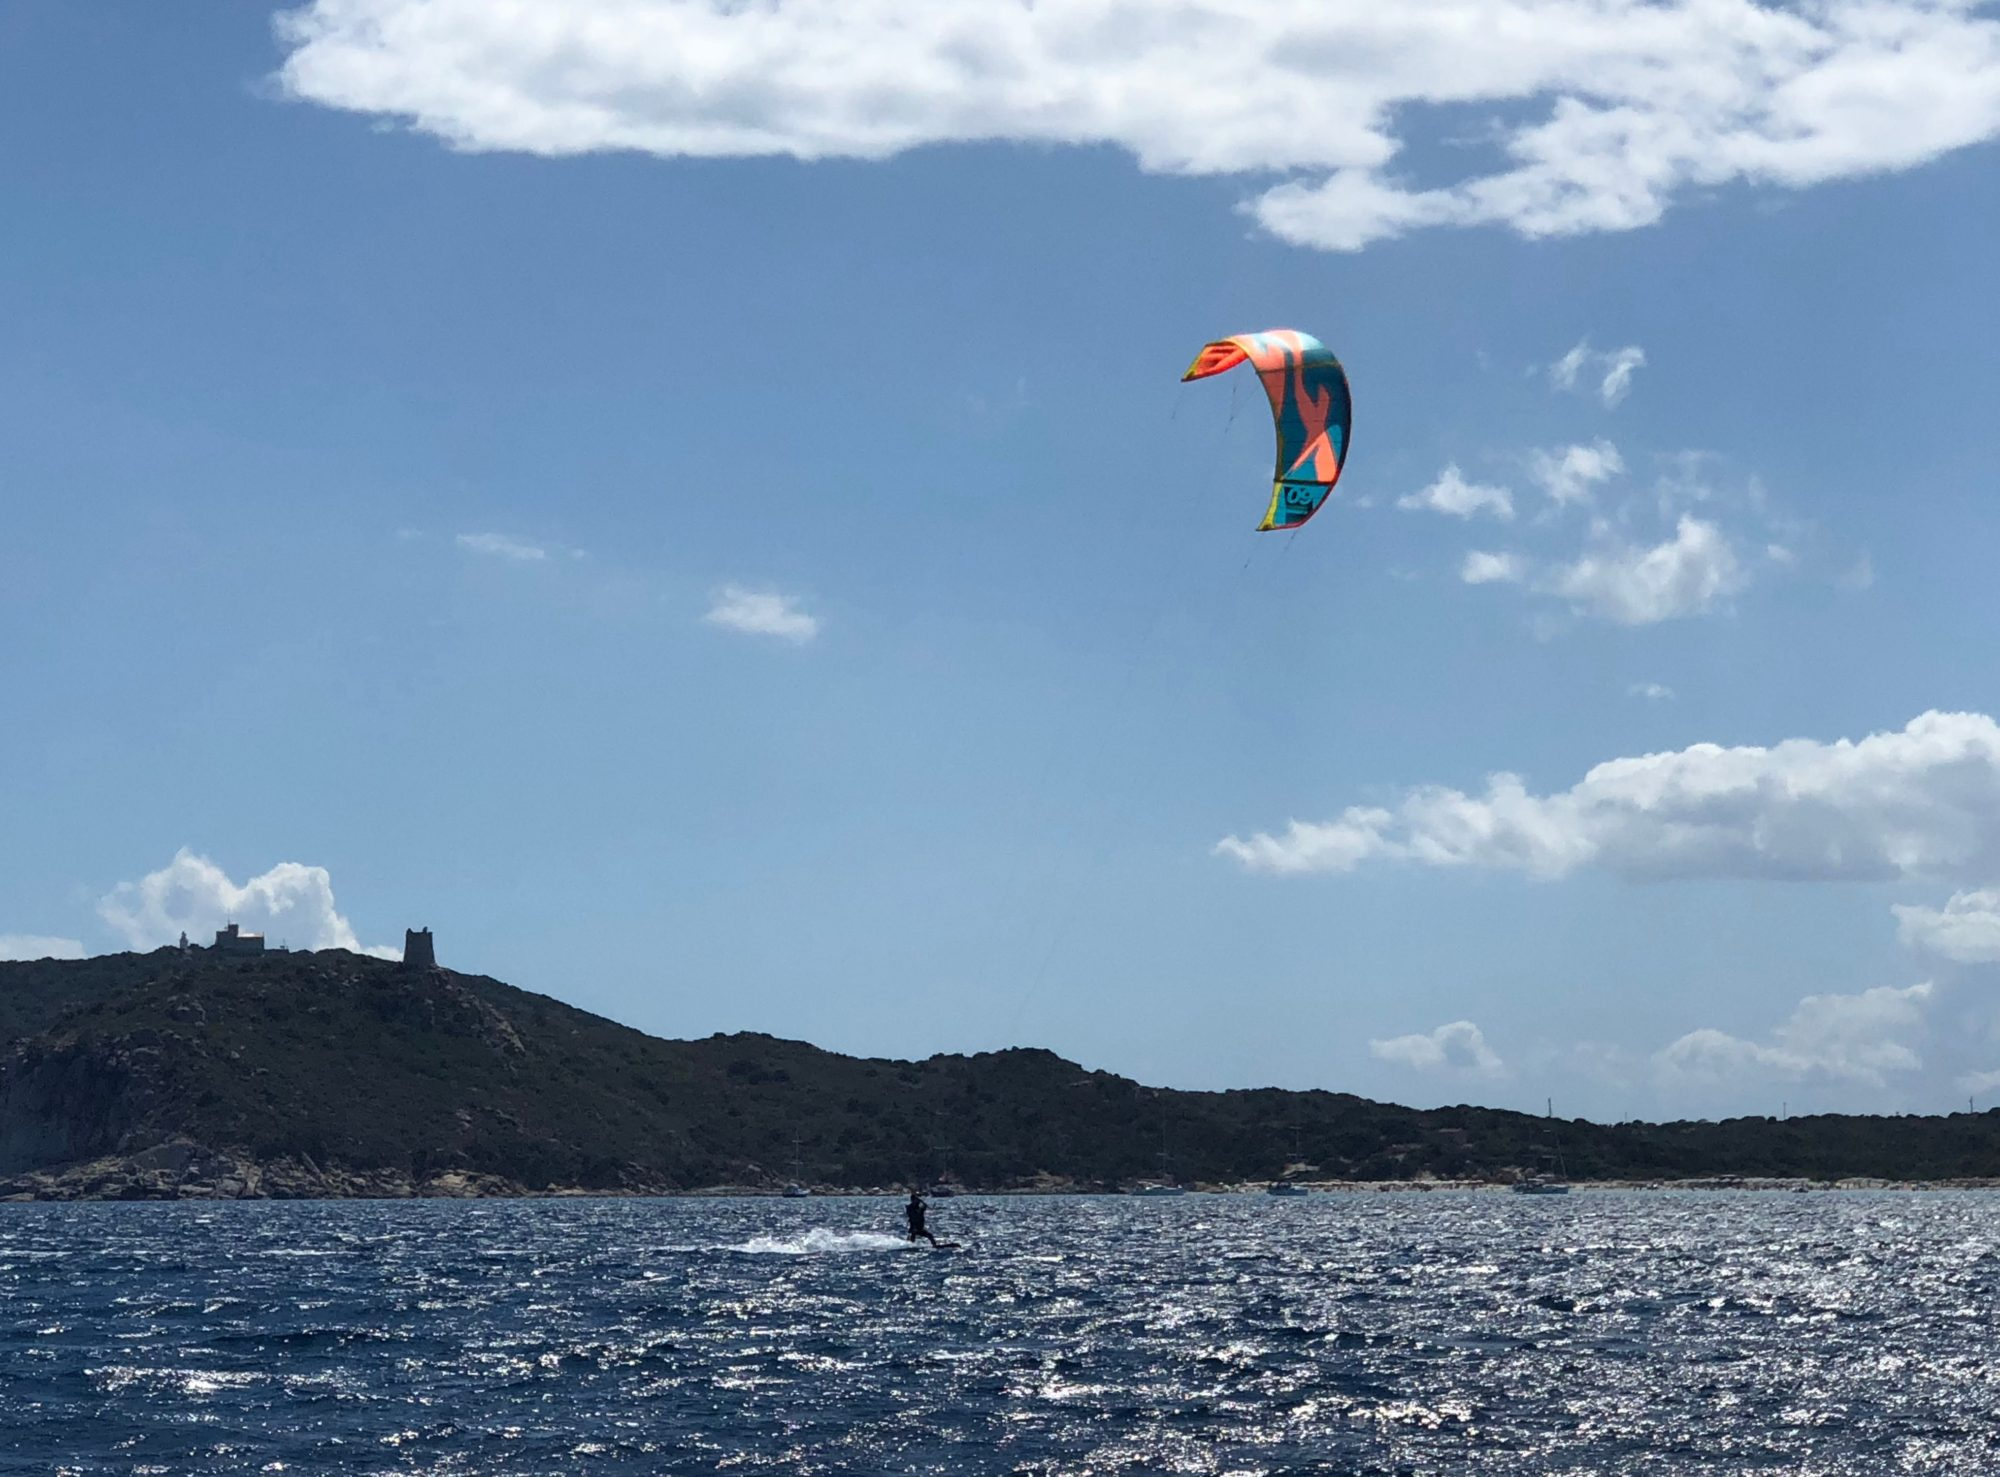 Kitesurfing Villasimius, Sardinia. Kite Course and Kite Lessons in Villasimius